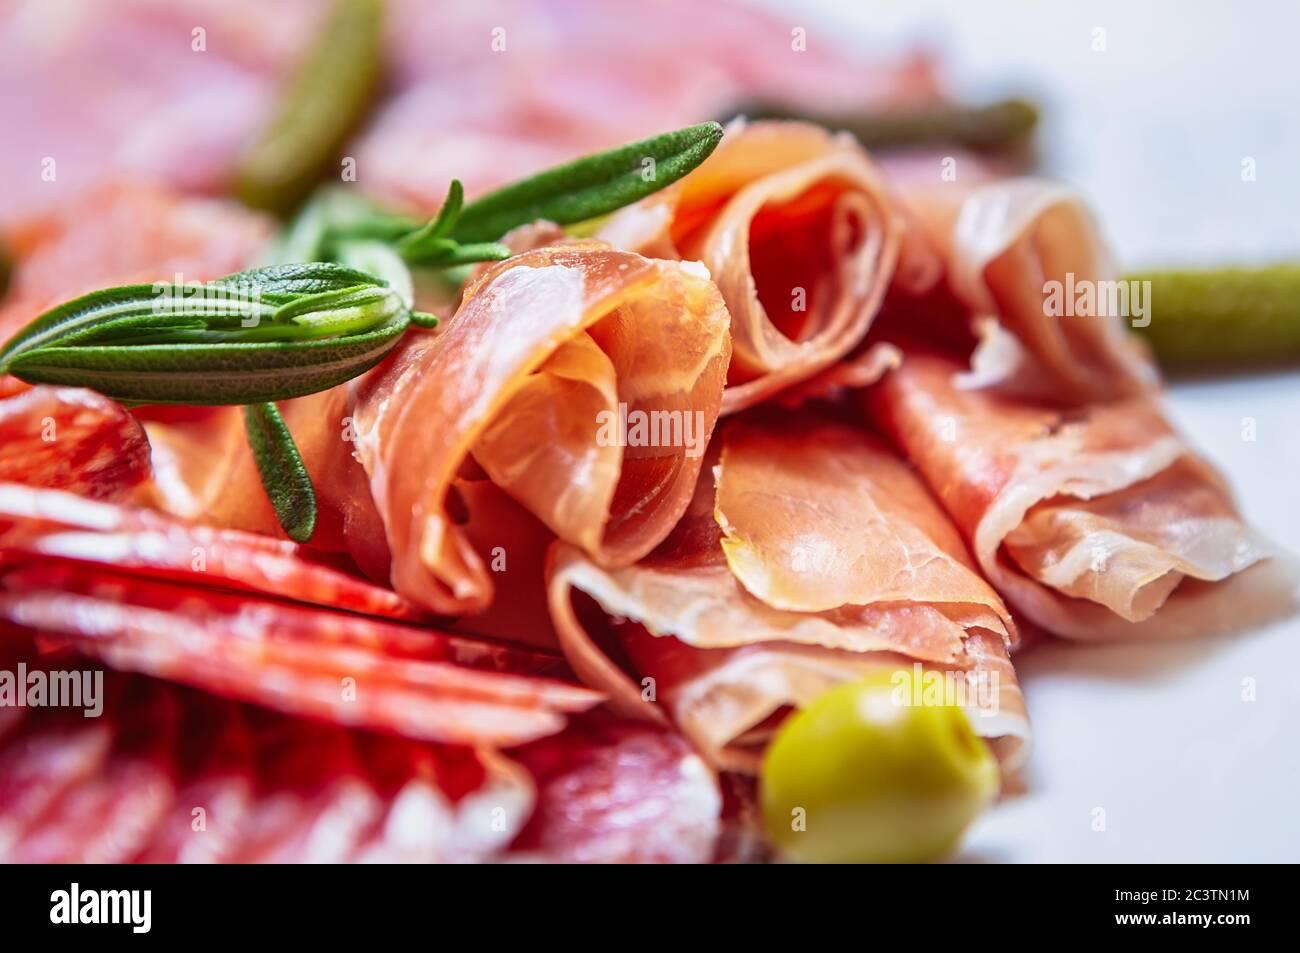 Deliciosos aperitivos de carne para la cena. Jamón español en rebanadas, salchichas de pepperoni, jamón de ternera servido en el plato del restaurante para aperitivos. Gourmet comida mediterránea f Foto de stock